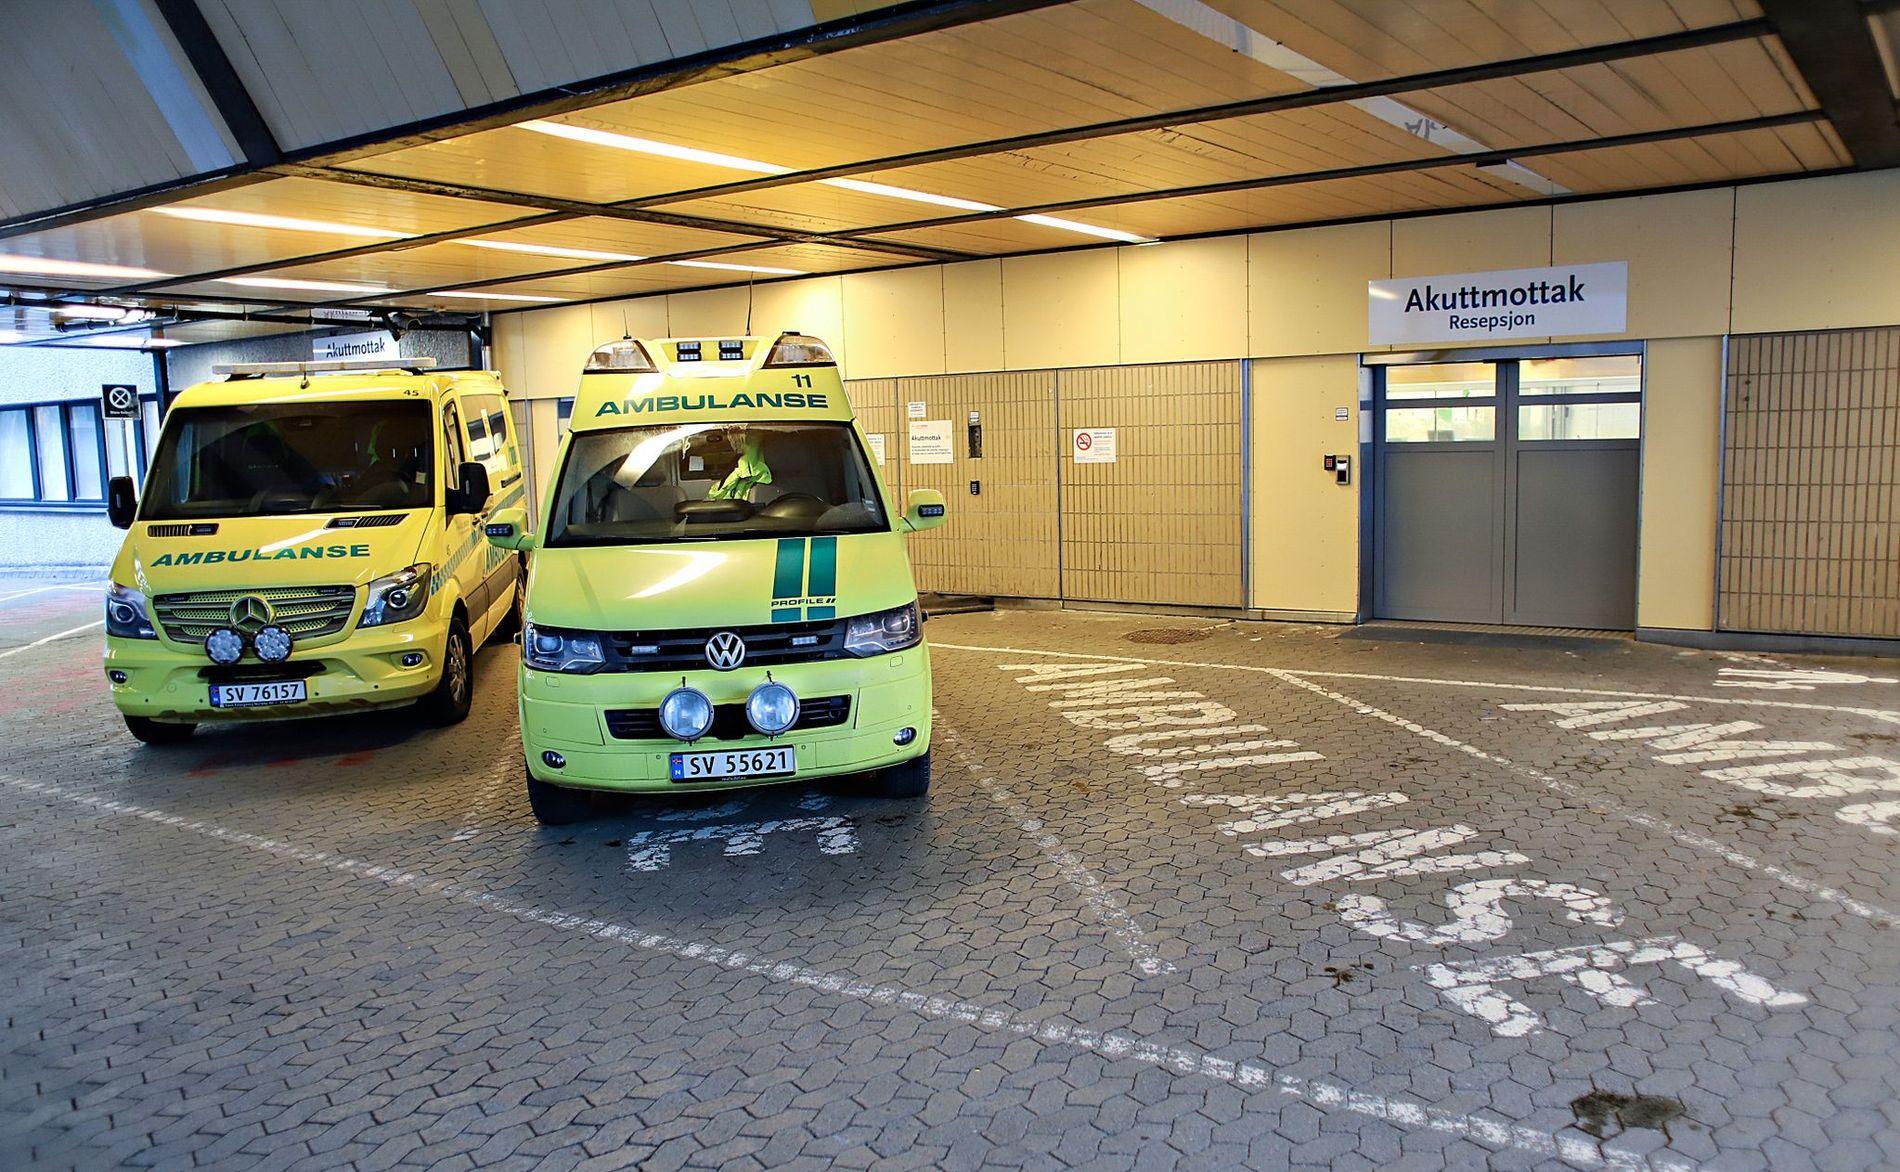 FORBEDRINGER: Flere strakstiltak er innført etter dødsfallet på akuttmottaket, skriver ledelsen på Haukeland universitetssykehus.